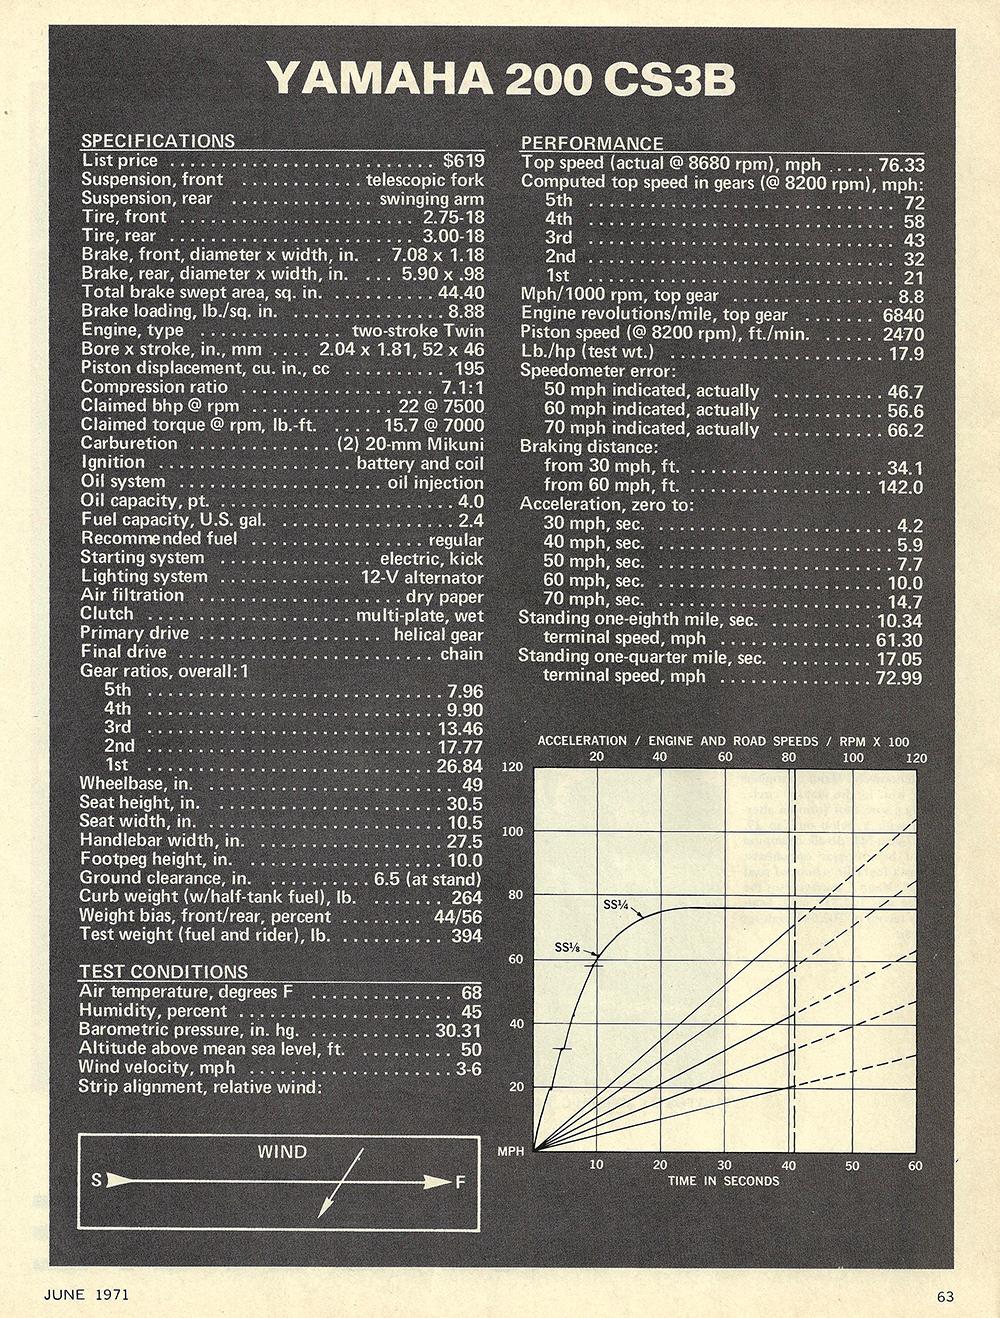 1971 Yamaha 200 CS3B road test 04.jpg